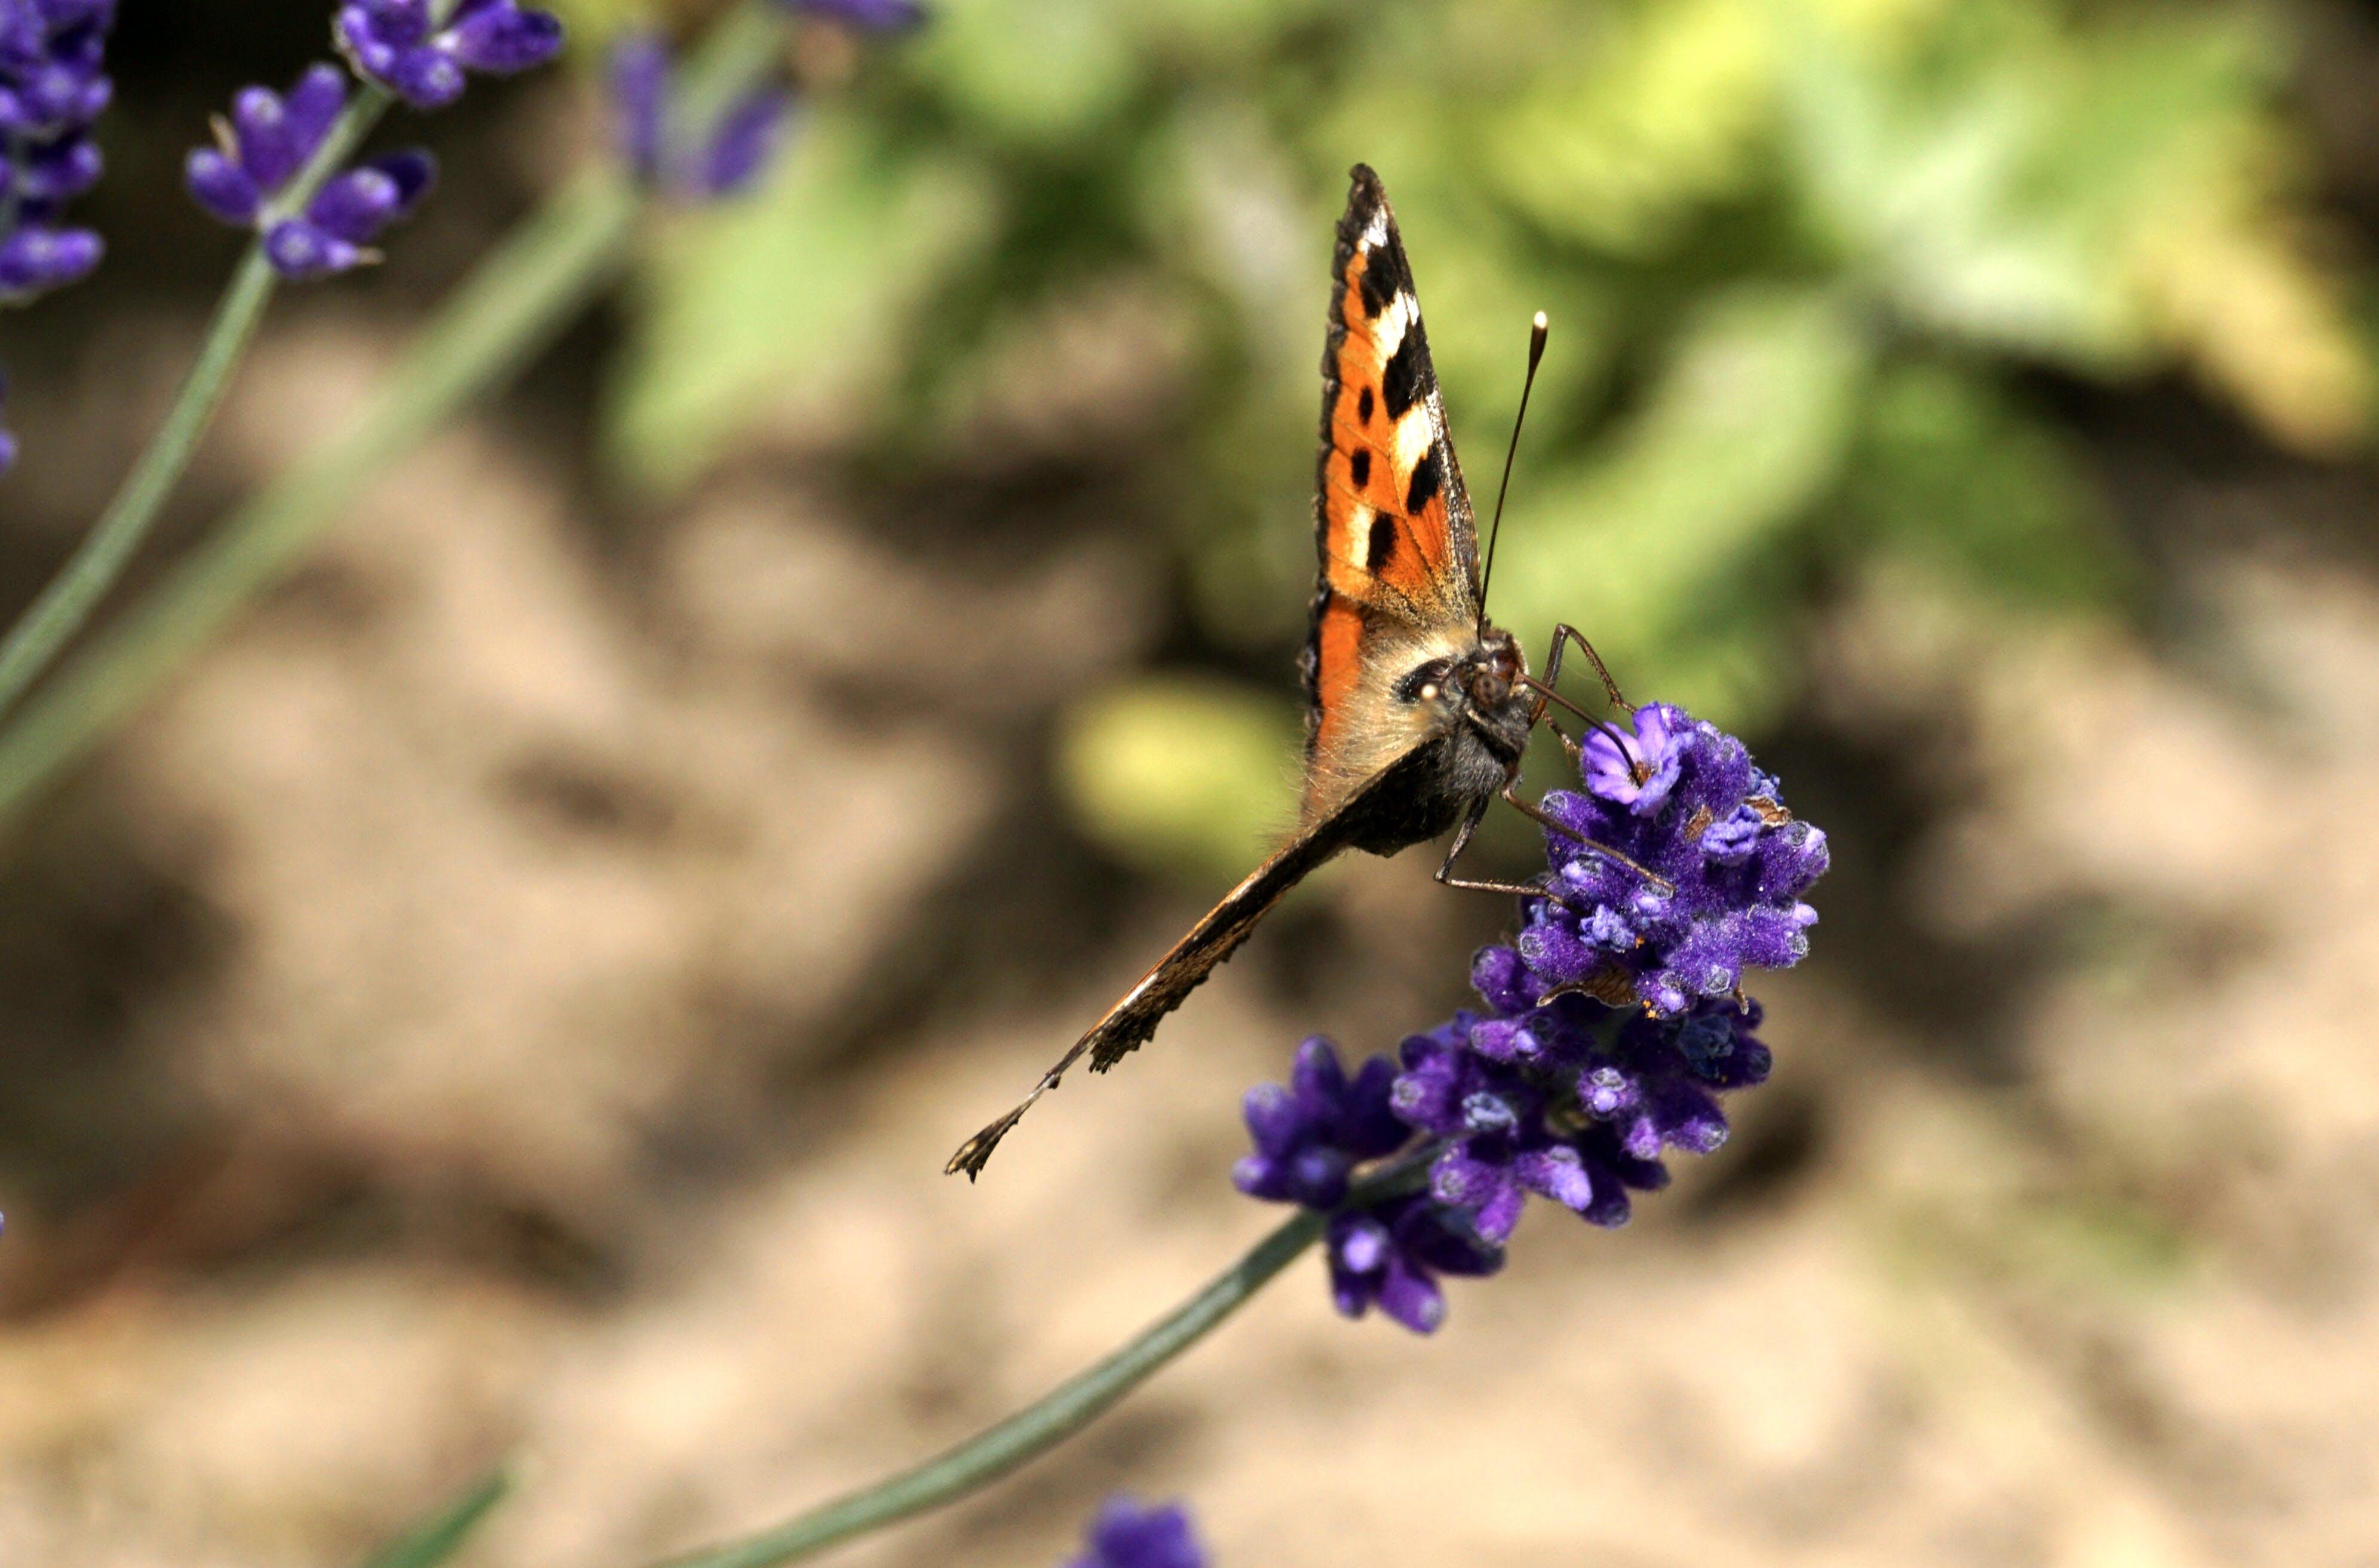 Gratis lagerfoto af blomst, flora, insekt, lavendel